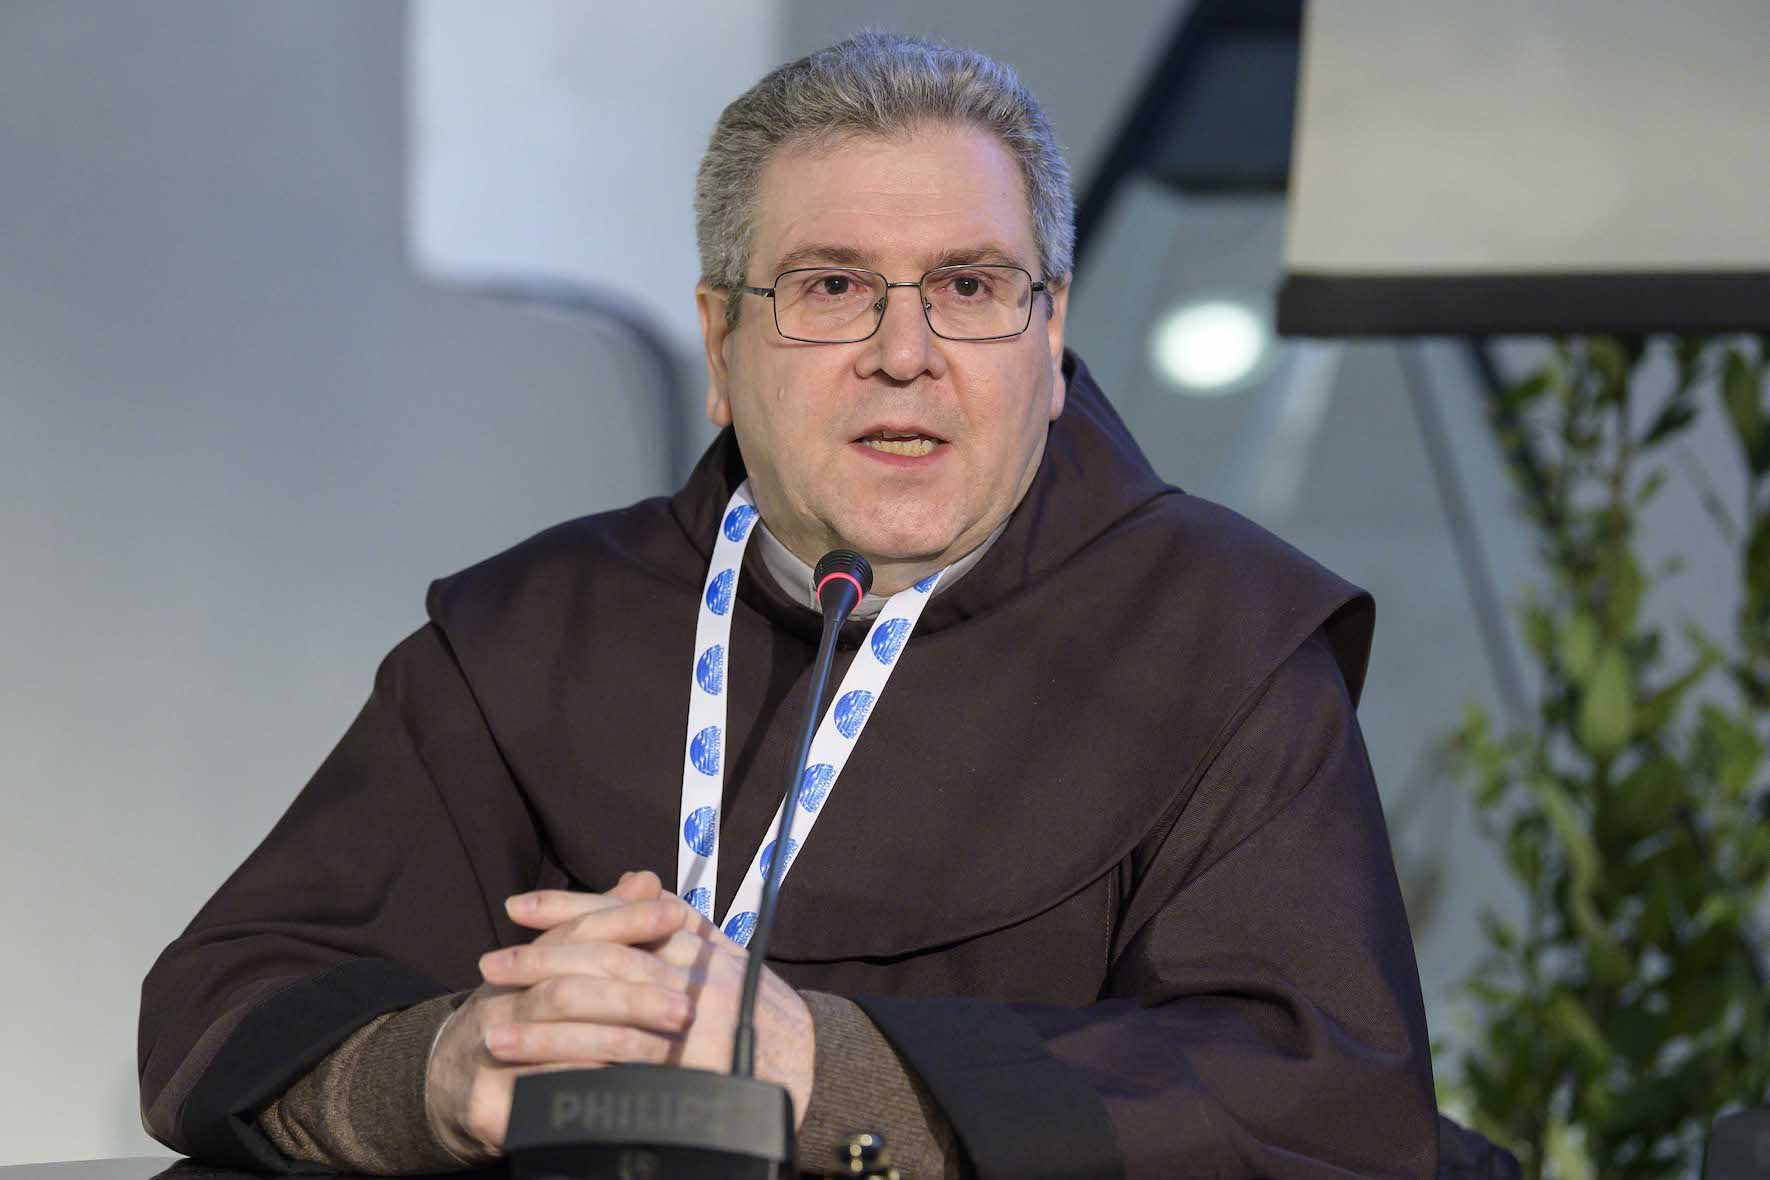 """Bari, 20 febbraio 2020 Cei, Conferenza Episcopale Italiana """"Mediterraneo frontiera di pace"""" conferenza stampa Francesco Patton"""